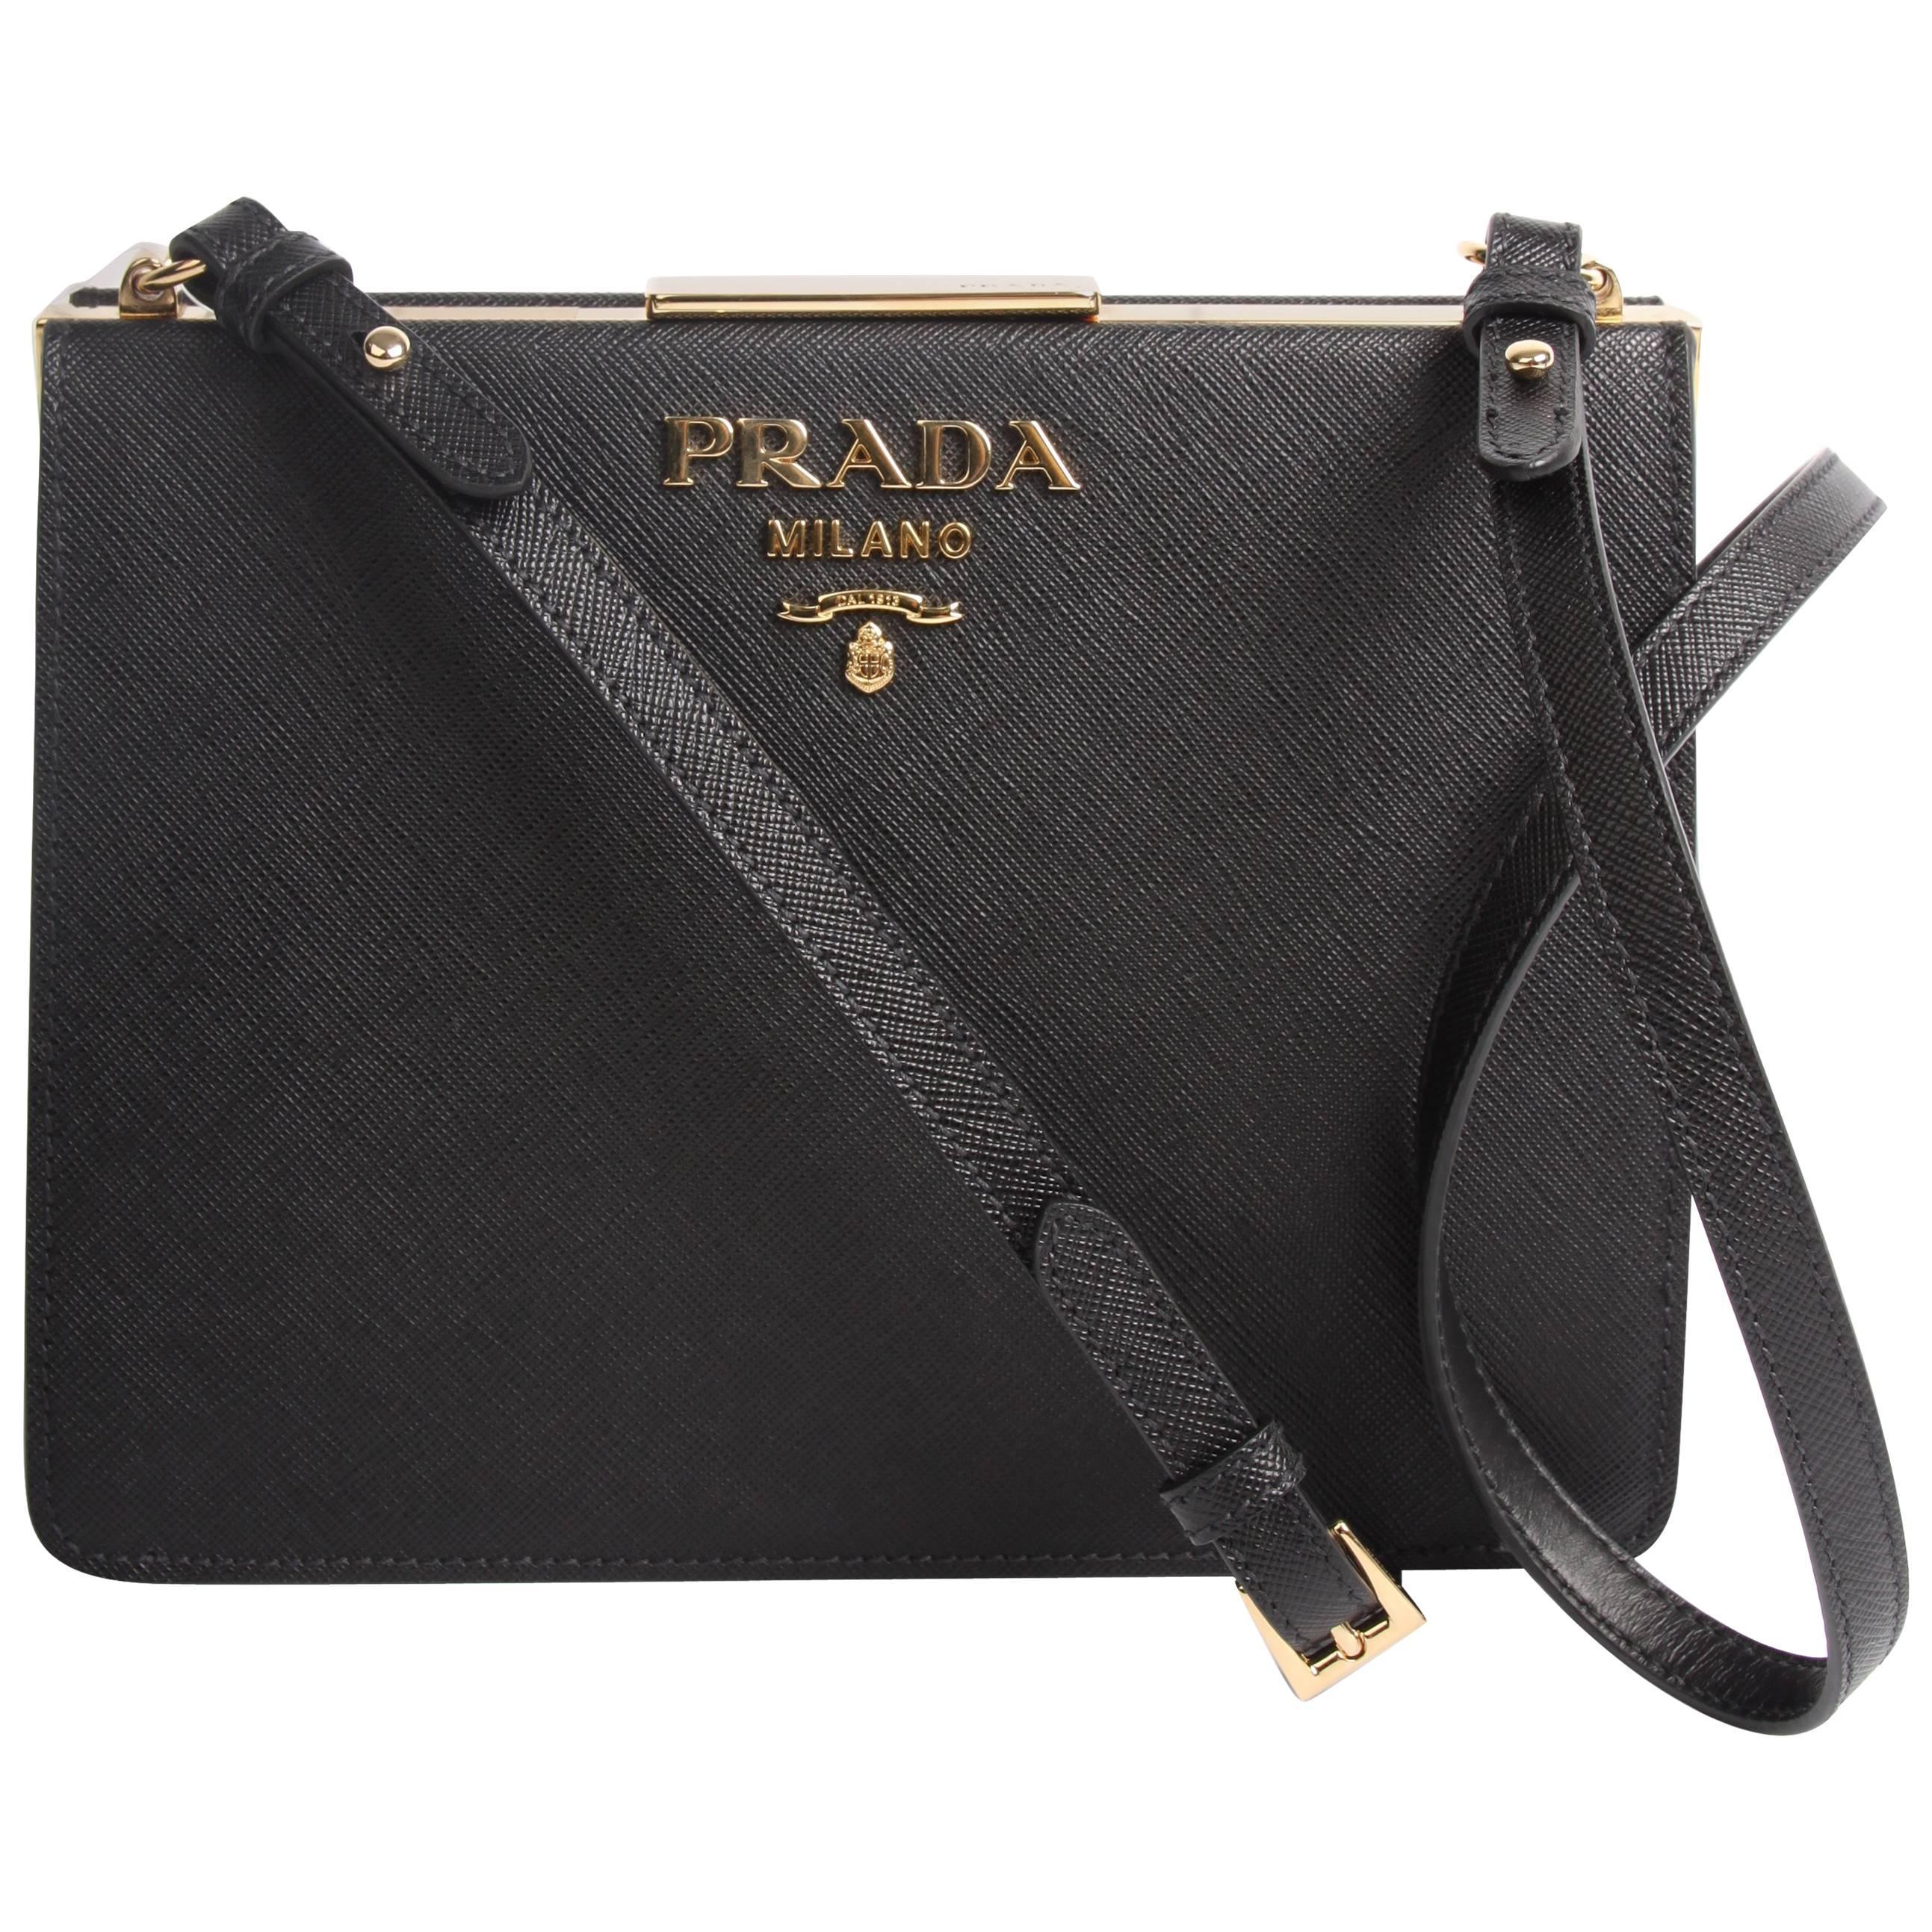 Prada Light Frame Saffiano Leather Shoulder Bag - black 2018 at 1stdibs c9ac3f8248f51